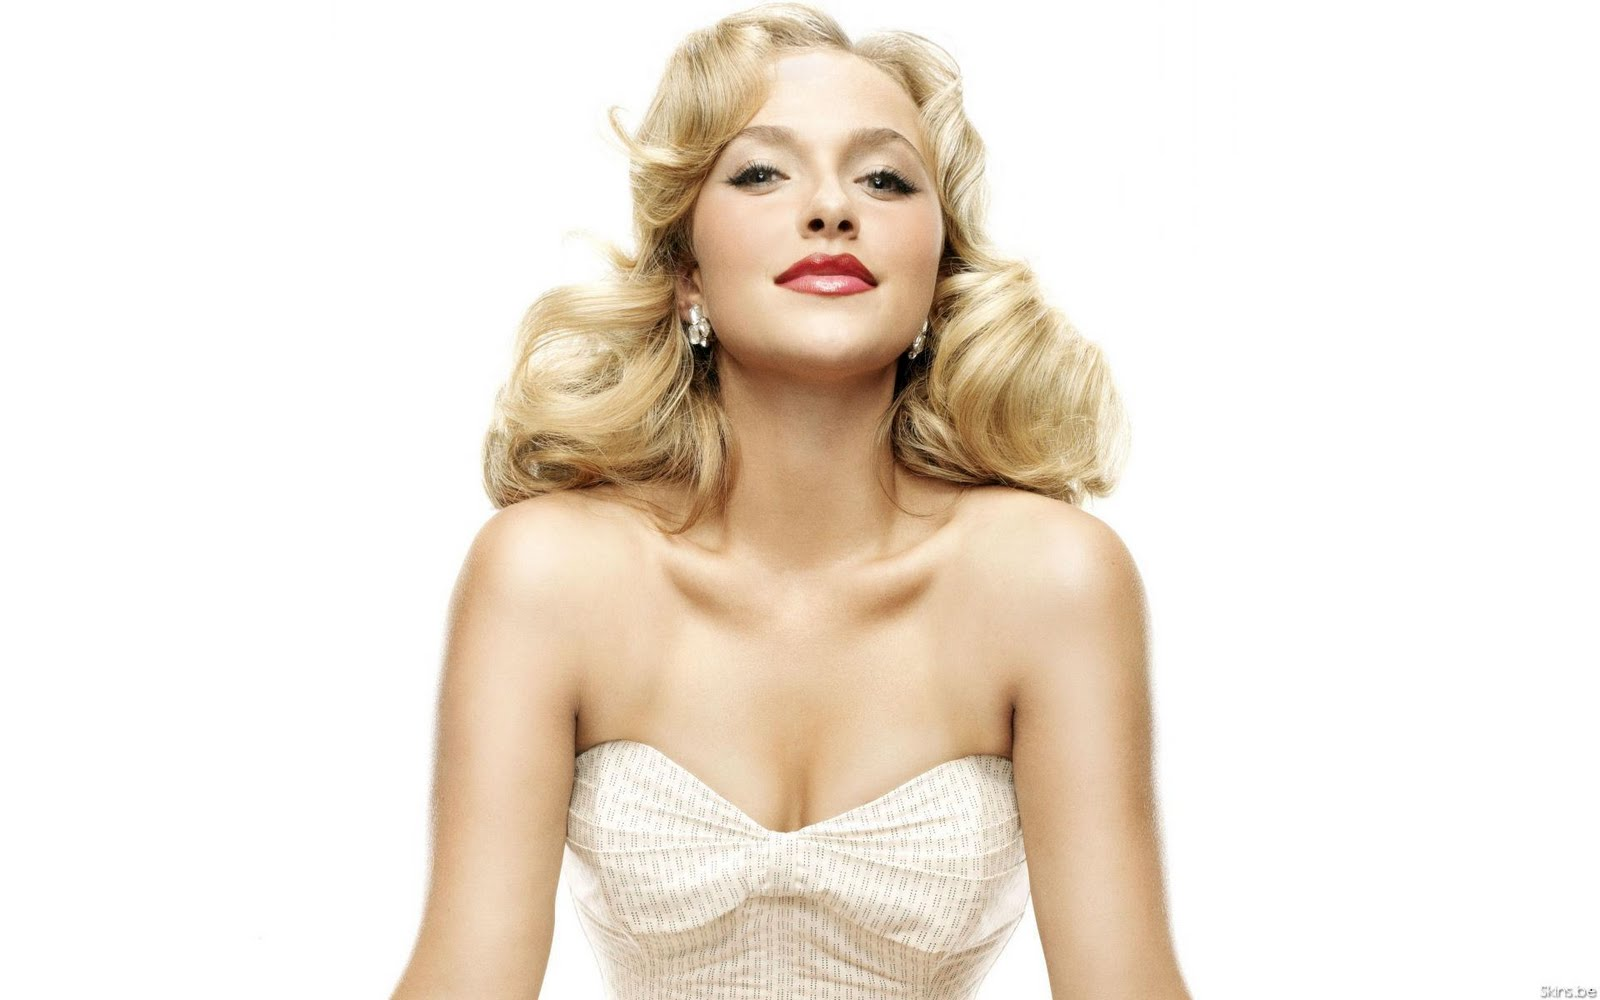 http://3.bp.blogspot.com/-W_y4cEmkSUs/TtpNSkWM1rI/AAAAAAAAKMA/uWmBEF_uC2s/s1600/Hayden_Panettiere_pink_lips_wallpapers_02.jpg